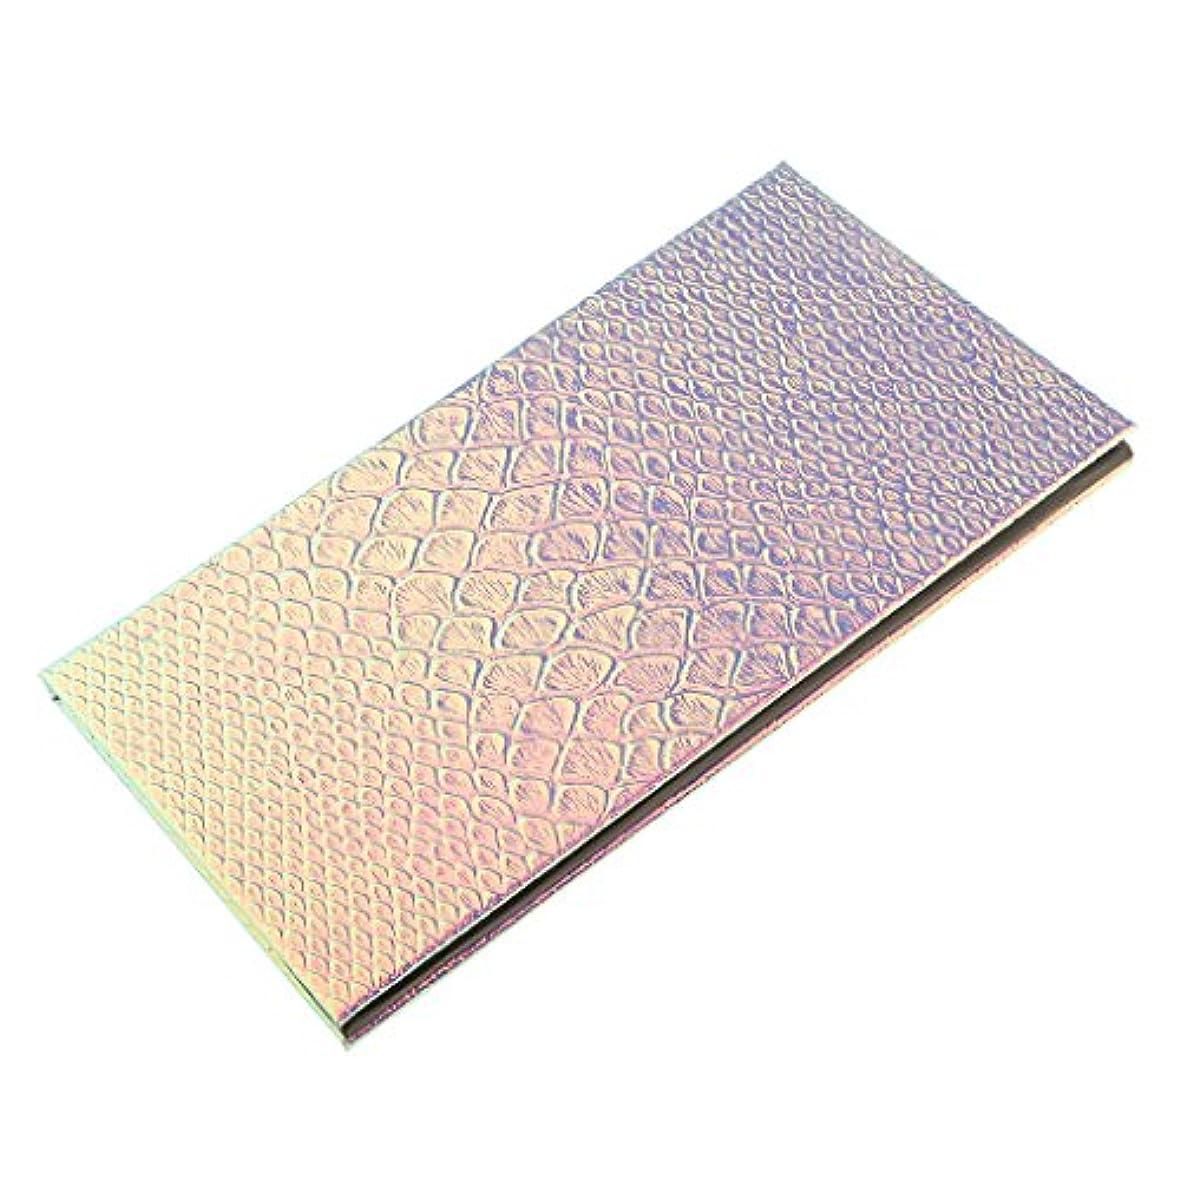 試験分岐するグロー磁気パレットボックス 空の磁気パレット メイクアップ 化粧 コスメ 収納 ボックス 全2サイズ選べ - 18x10cm